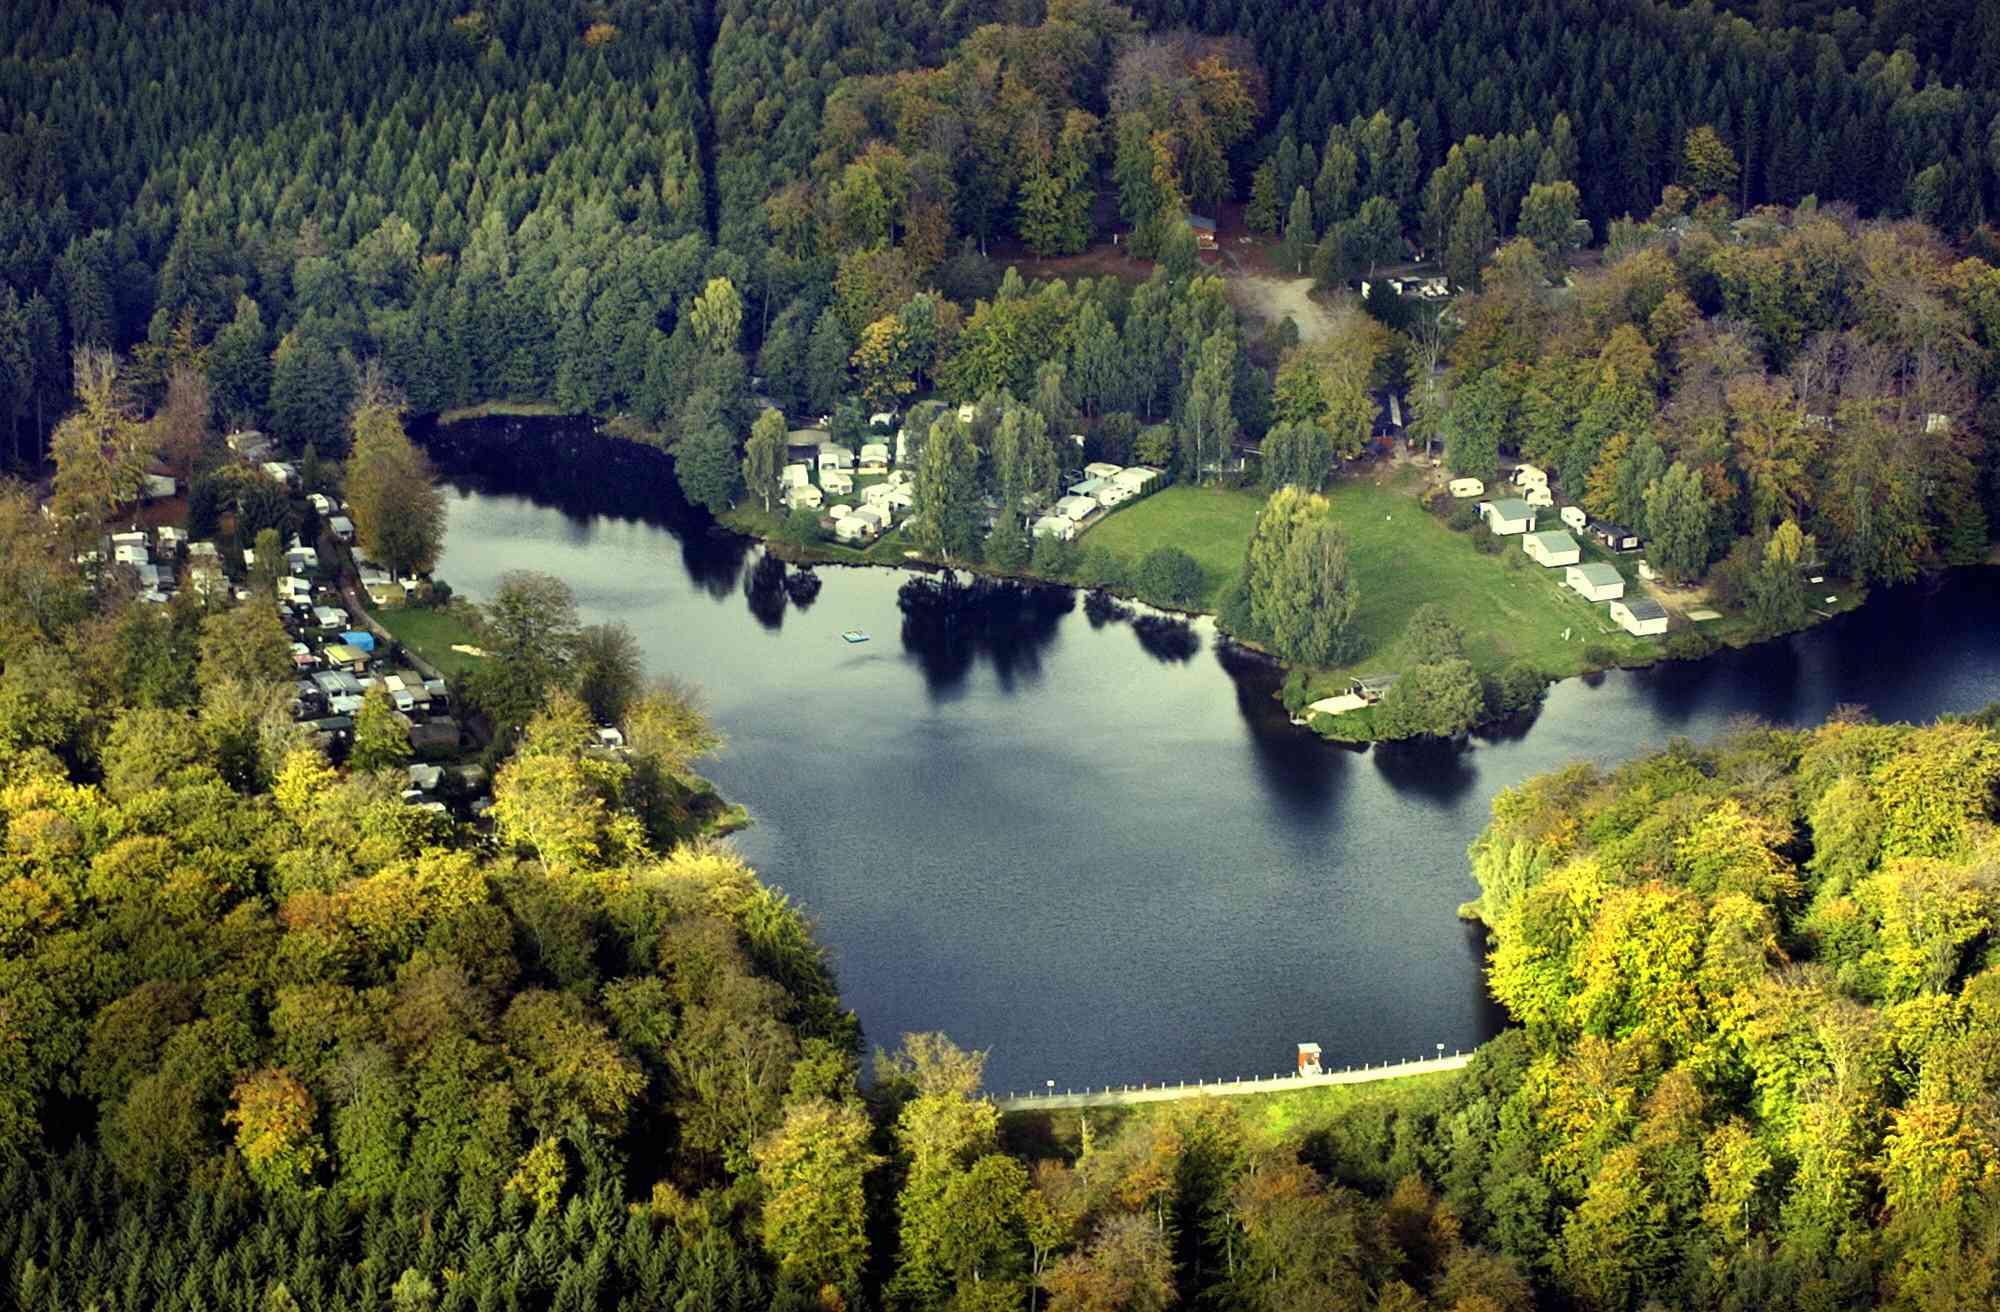 Ferienhäuser Harz Camp Bremer Teich Gernrode - Anbieter Harz-Camp Bremer Teich GmbH - Ferienwohnung Nr. 3141702